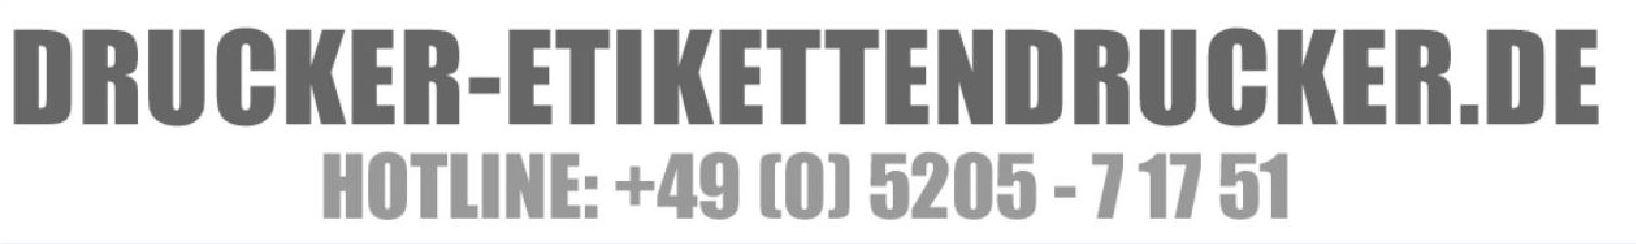 Drucker-Etikettendrucker.de